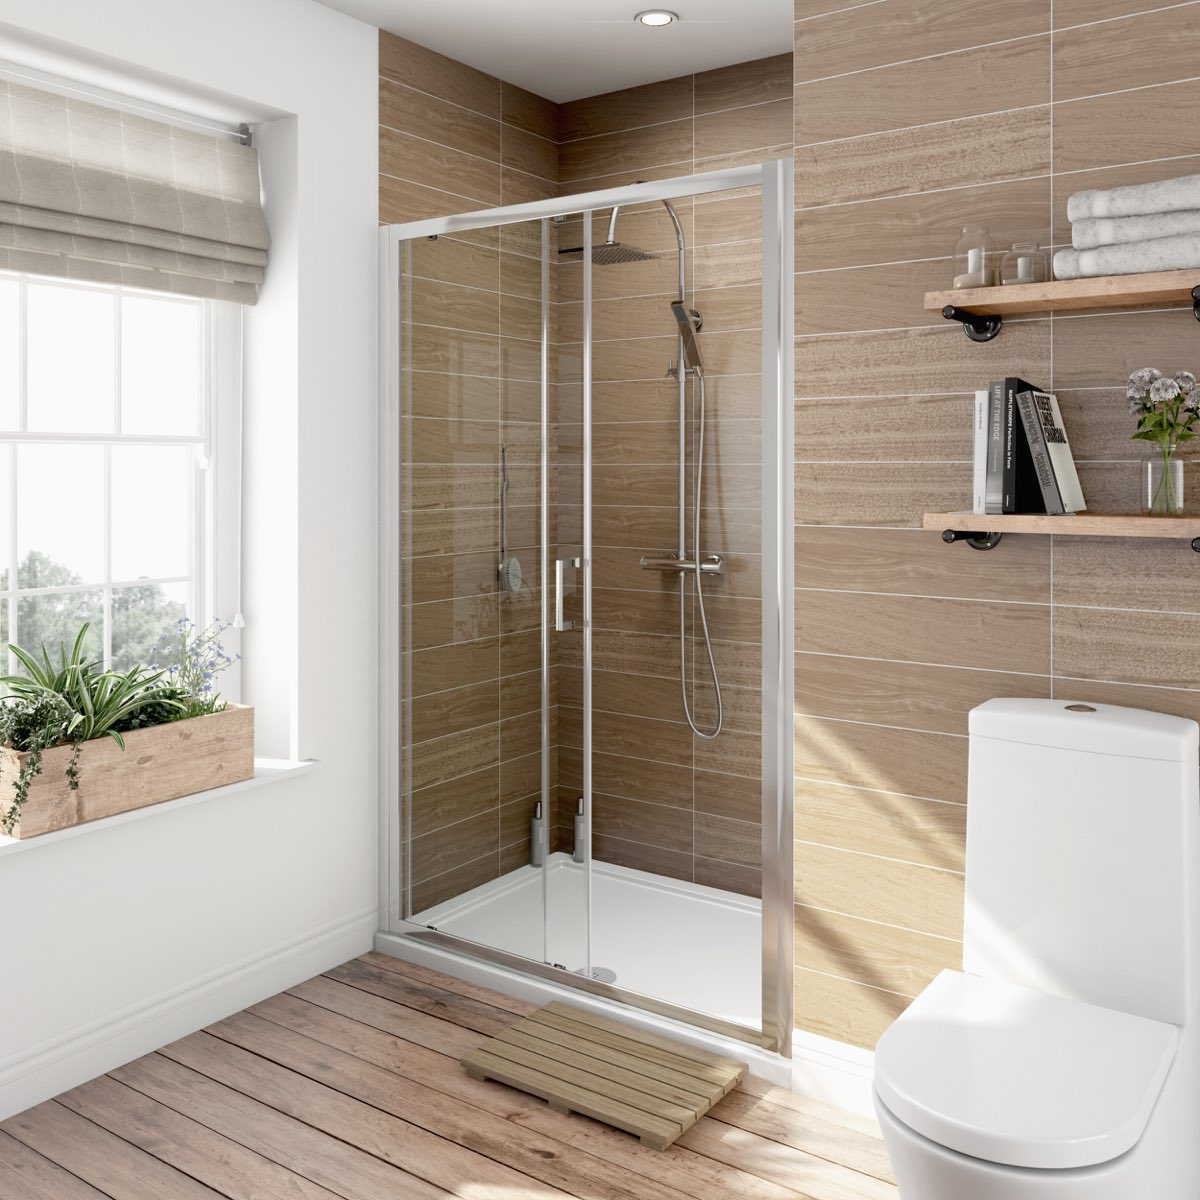 v6 sliding shower door 1200. Black Bedroom Furniture Sets. Home Design Ideas